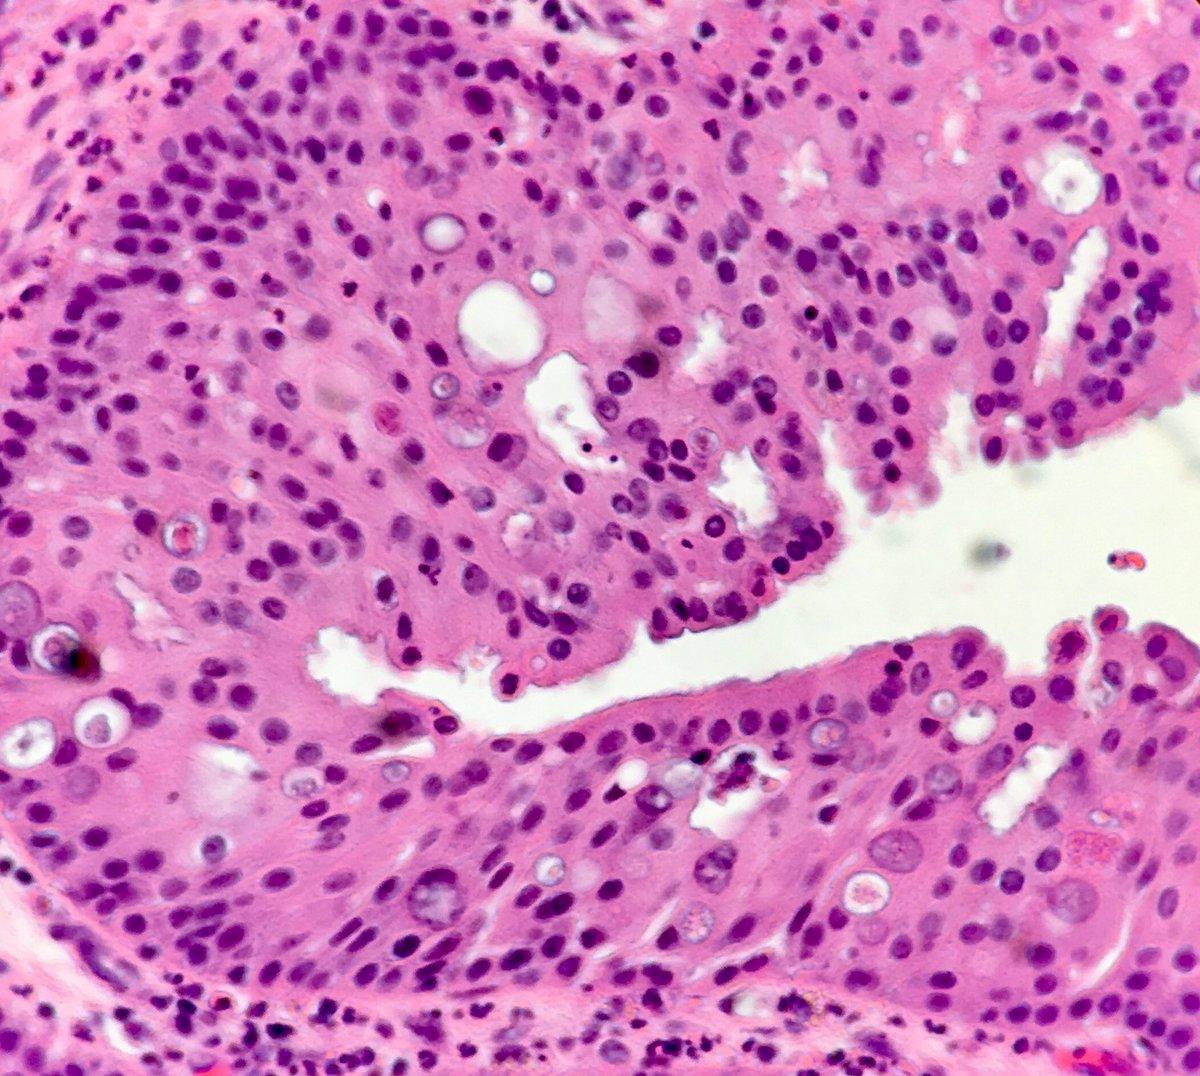 human papillomavirus hpv high risk dna detection